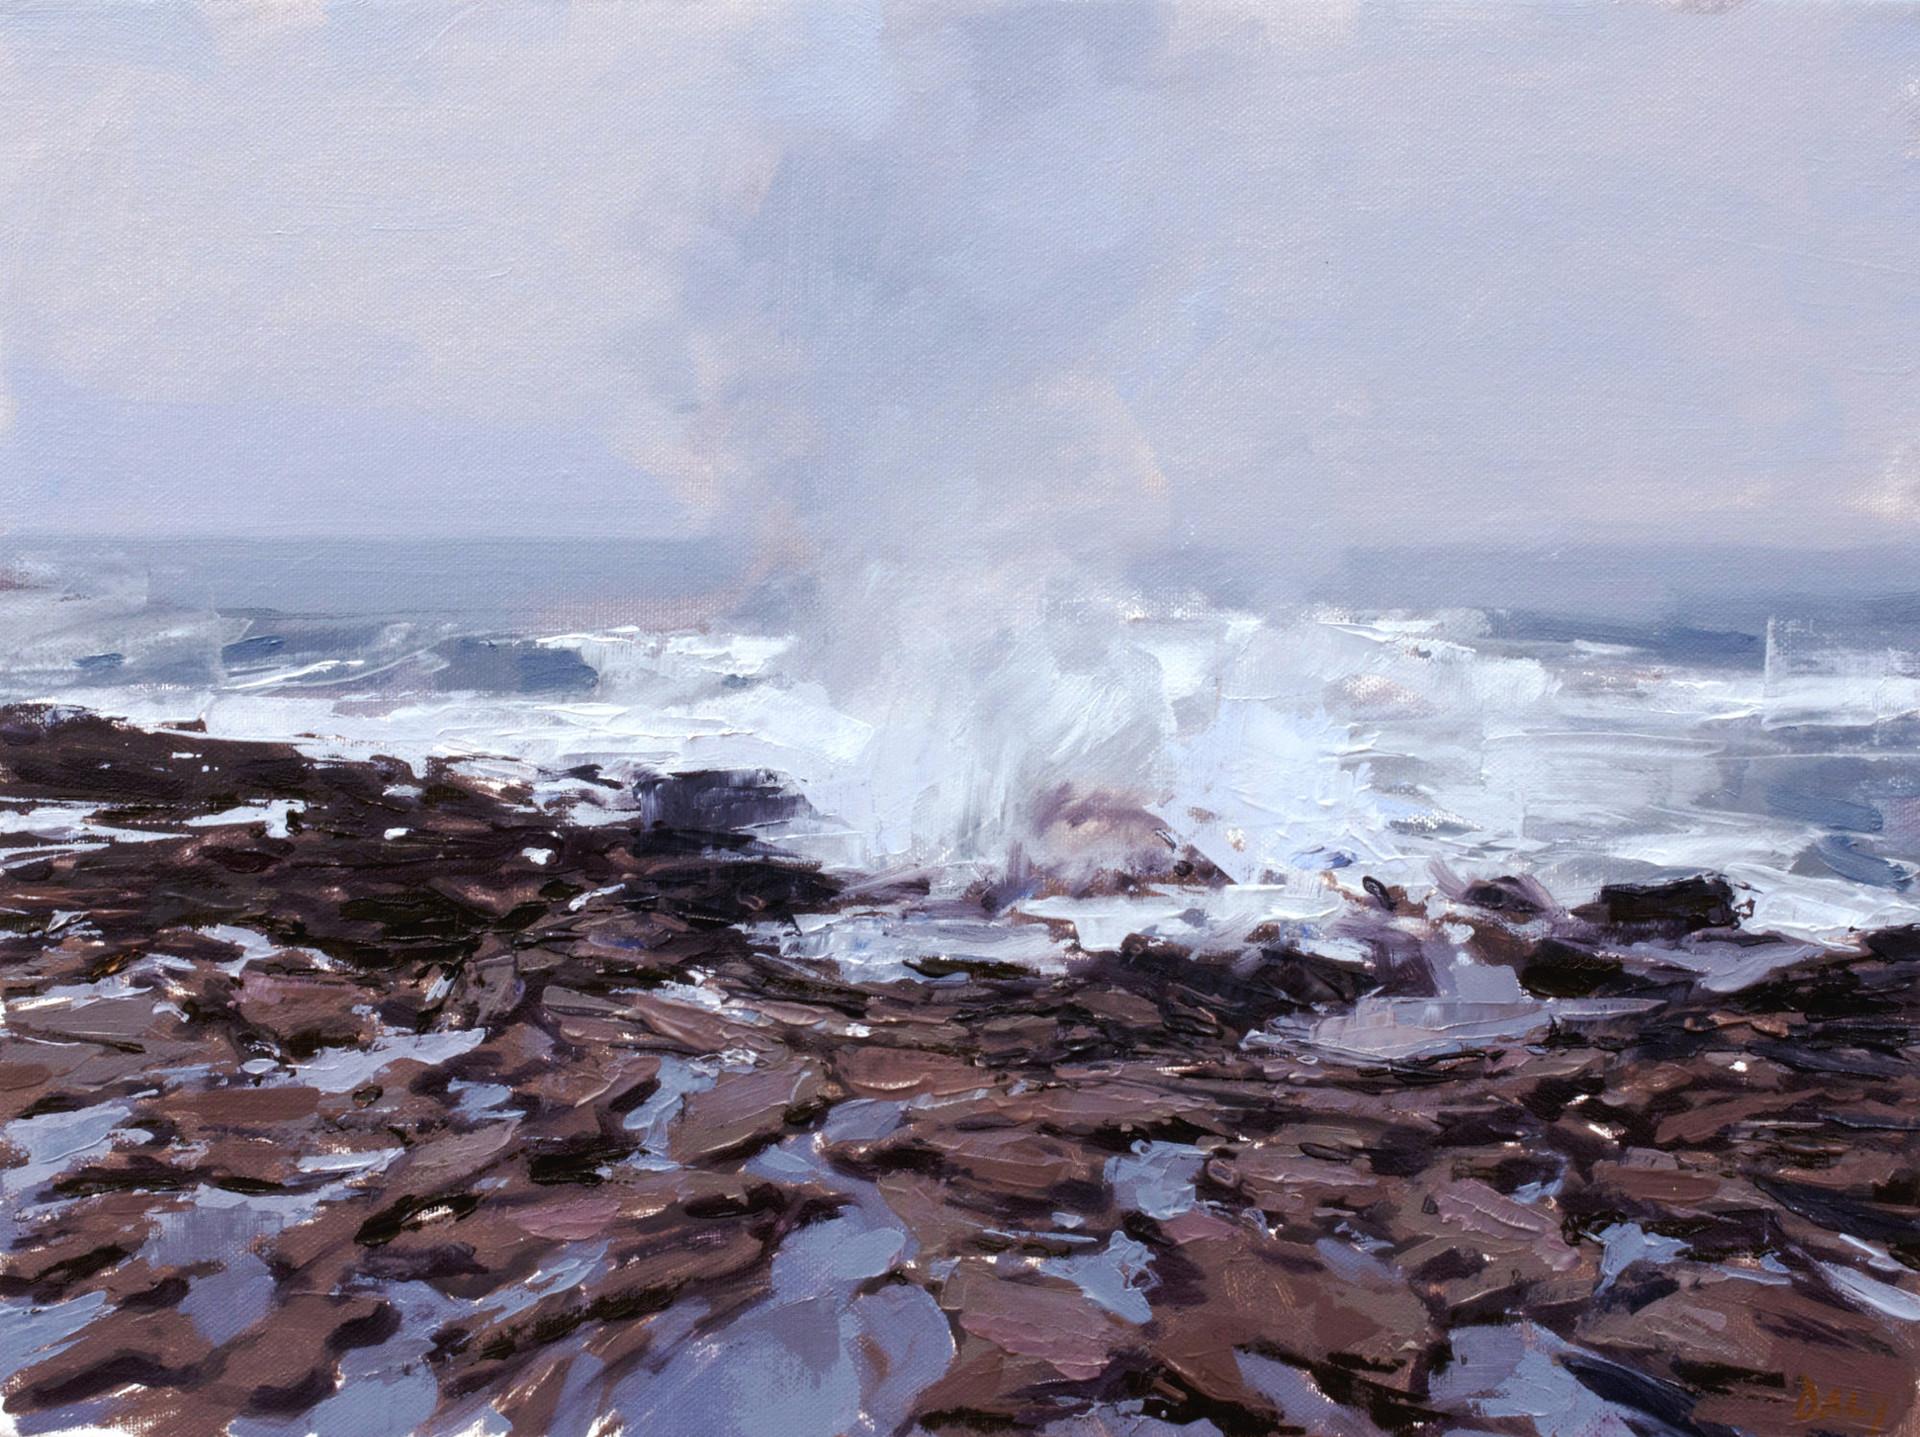 Plume - 30x40cm oil/canvas 2019